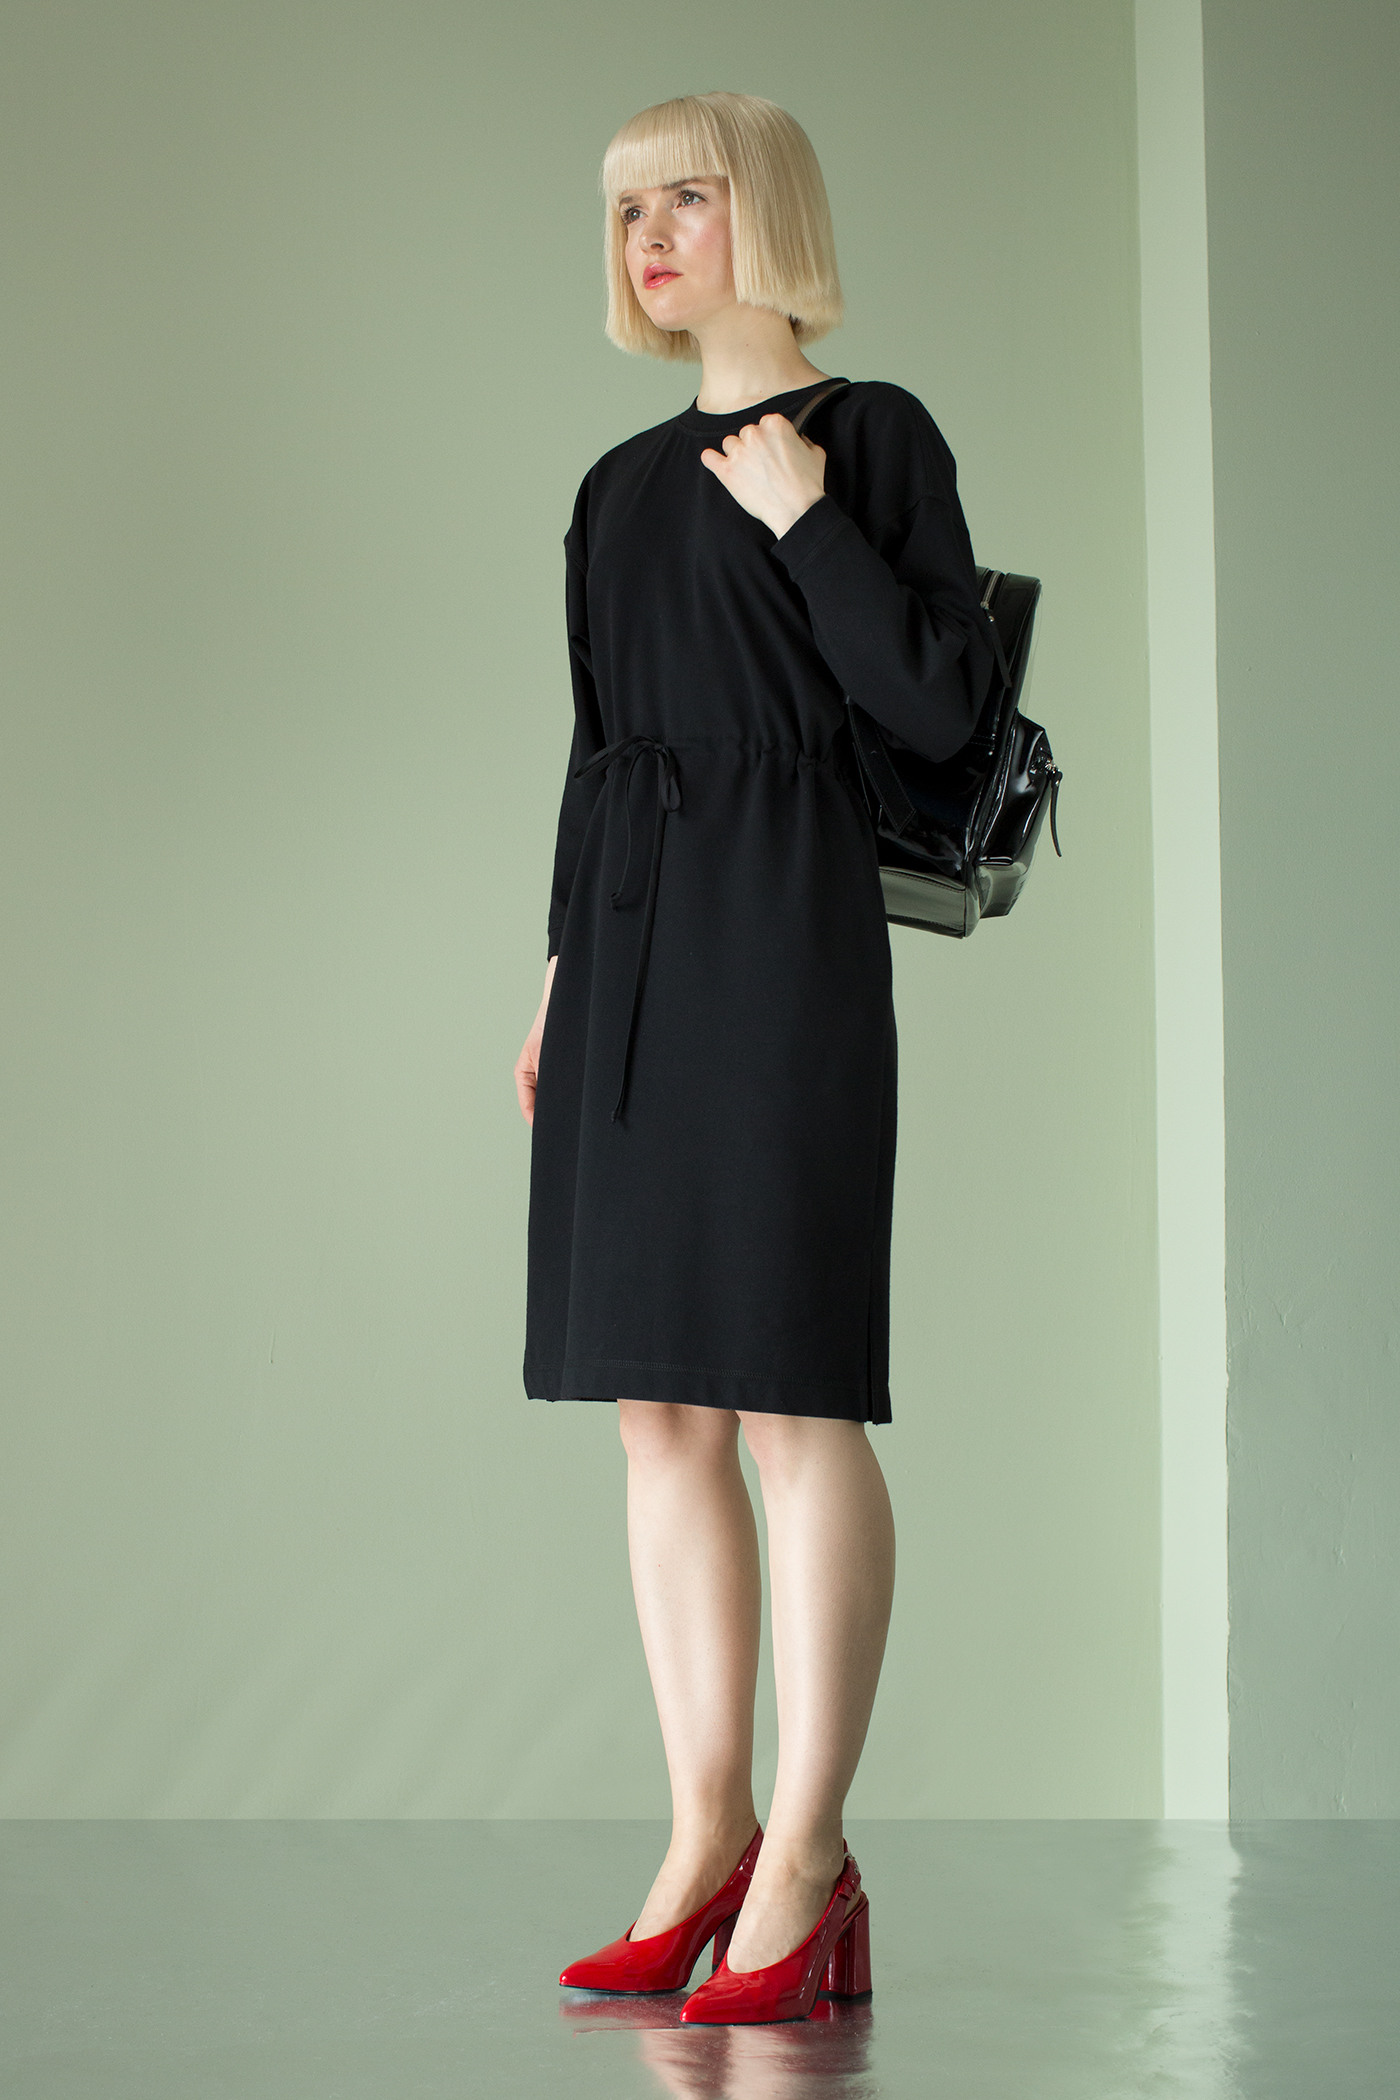 Трикотажное платьеТрикотажное платье прямого силуэта на кулиске по линии талии.&#13;<br>&#13;<br>&#13;<br>Рукава свободной трапециевидной формы, пройма спущена.&#13;<br>&#13;<br>Длина изделия до колена. В боковых швах карманы.&#13;<br>&#13;<br>По низу боковых швов небольшие разрезы.&#13;<br>&#13;<br>&#13;<br>Длина изделия по спинке на рост 158-164 см- 95 см; на рост 164-170 см - 98 см; на рост 170-176 см - 101 см.&#13;<br>&#13;<br>Длина рукава (с манжетой) на рост 158-164 см- 40 см; на рост 164-170 см - 42 см; на рост 170-176 см - 44 см&#13;<br>&#13;<br>Обхват груди – 80-96 см, Обхват бедер - 84-100 см.<br><br>Цвет: Черный<br>Размер: XS/S, M/L<br>Ростовка: 158 -164, 164 -170, 170 -176